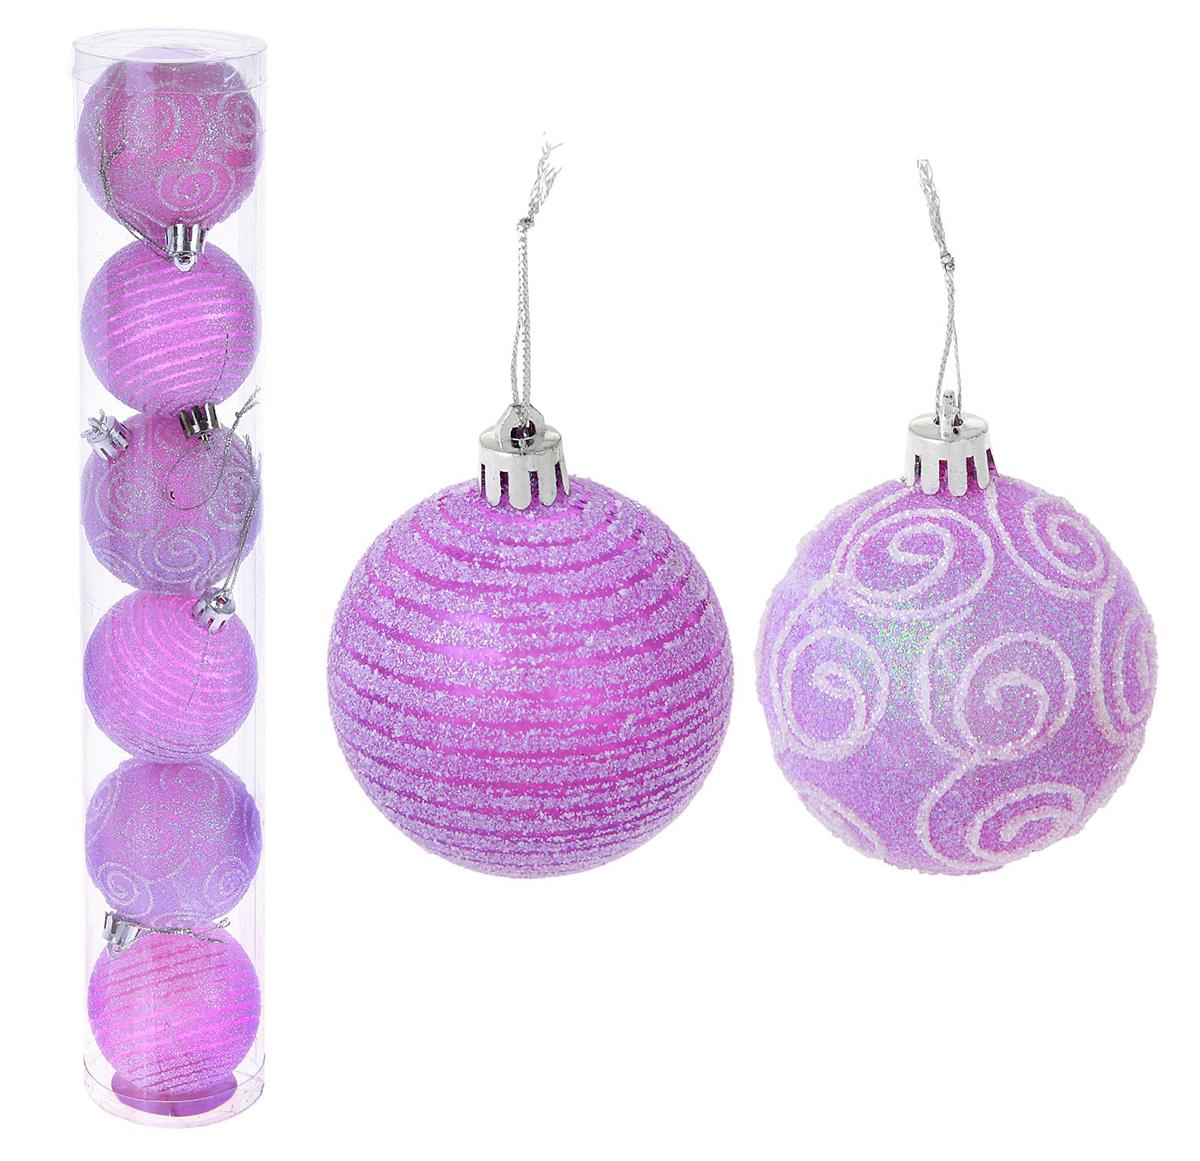 Набор новогодних подвесных украшений Sima-land Волшебство, цвет: розовый, фиолетовый, диаметр 6 см, 6 шт1009359